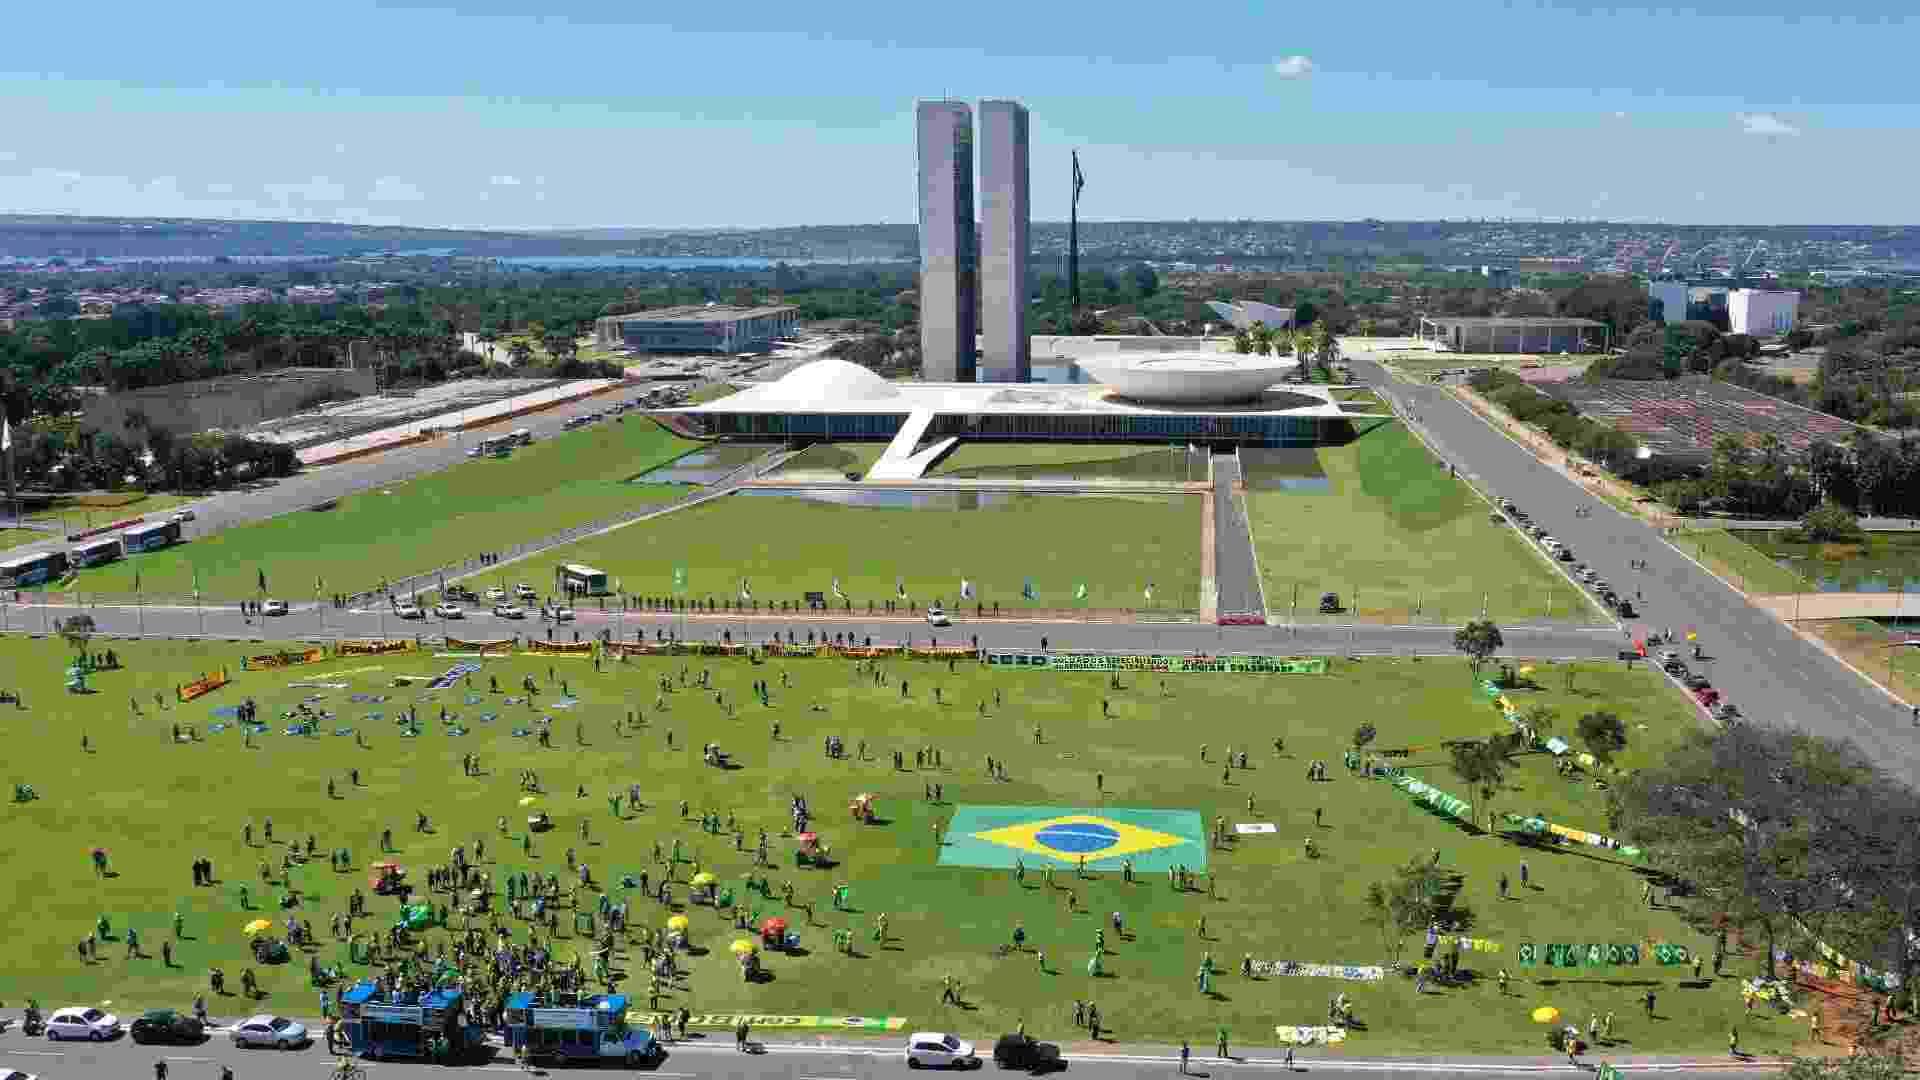 Apoiadores de Jair Bolsonaro fazem carreata em Brasília neste domingo, um dia após o ex-ministro Sérgio Moro depor na Polícia Federa - Dida Sampaio/Estadão Conteúdo